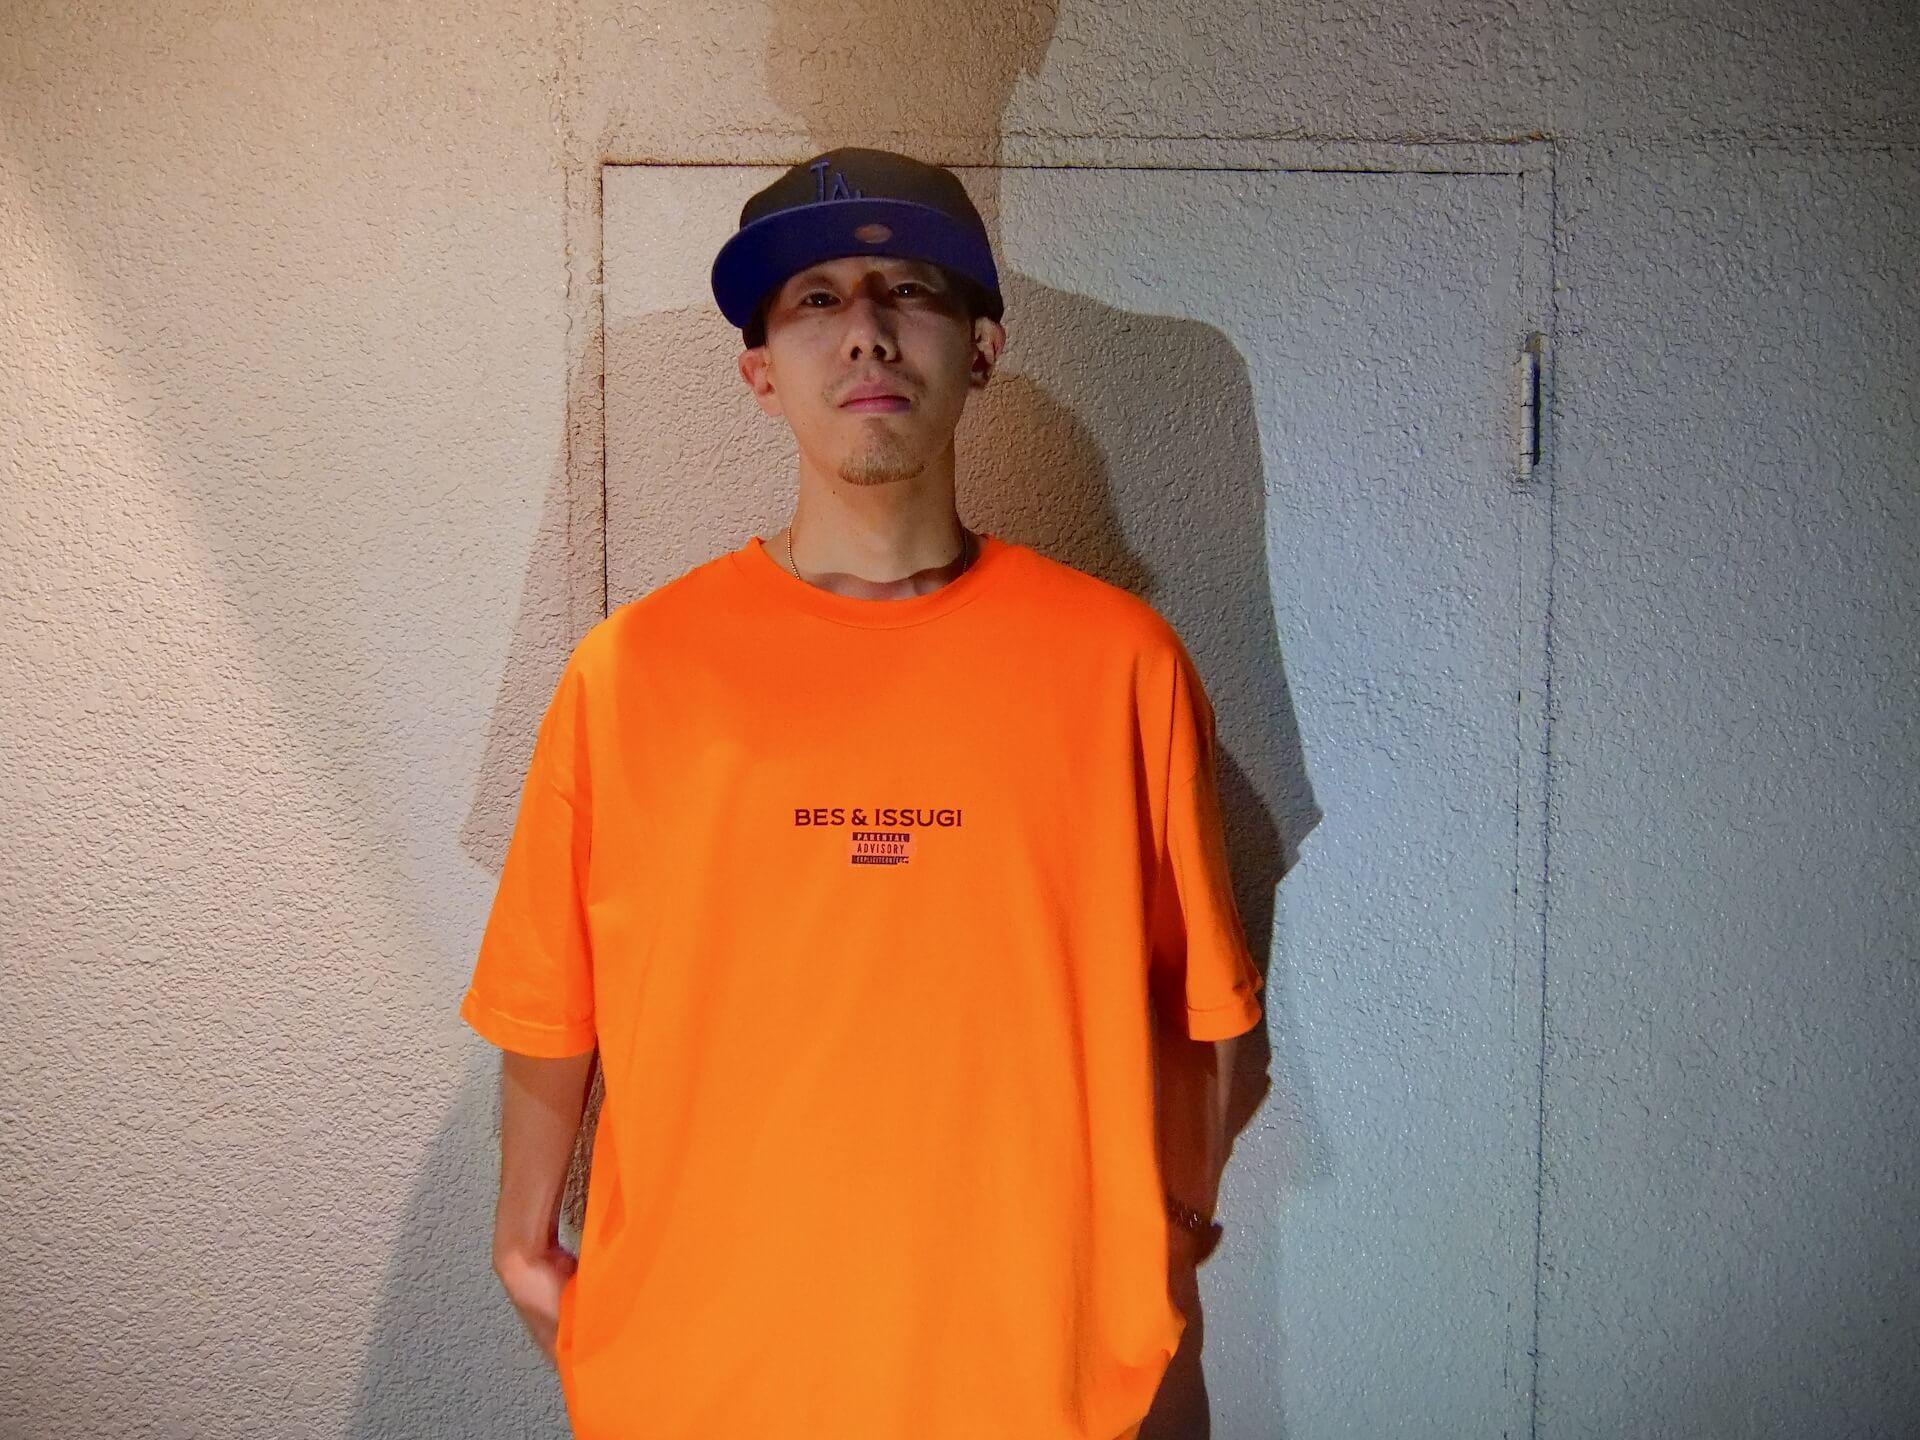 BESとISSUGIによる傑作ジョイントAL第2弾『Purple Ability』のジャケット、ロゴを用いたTシャツが完全限定で発売!予約受付が本日よりスタート! music200803-bes-issugi-2